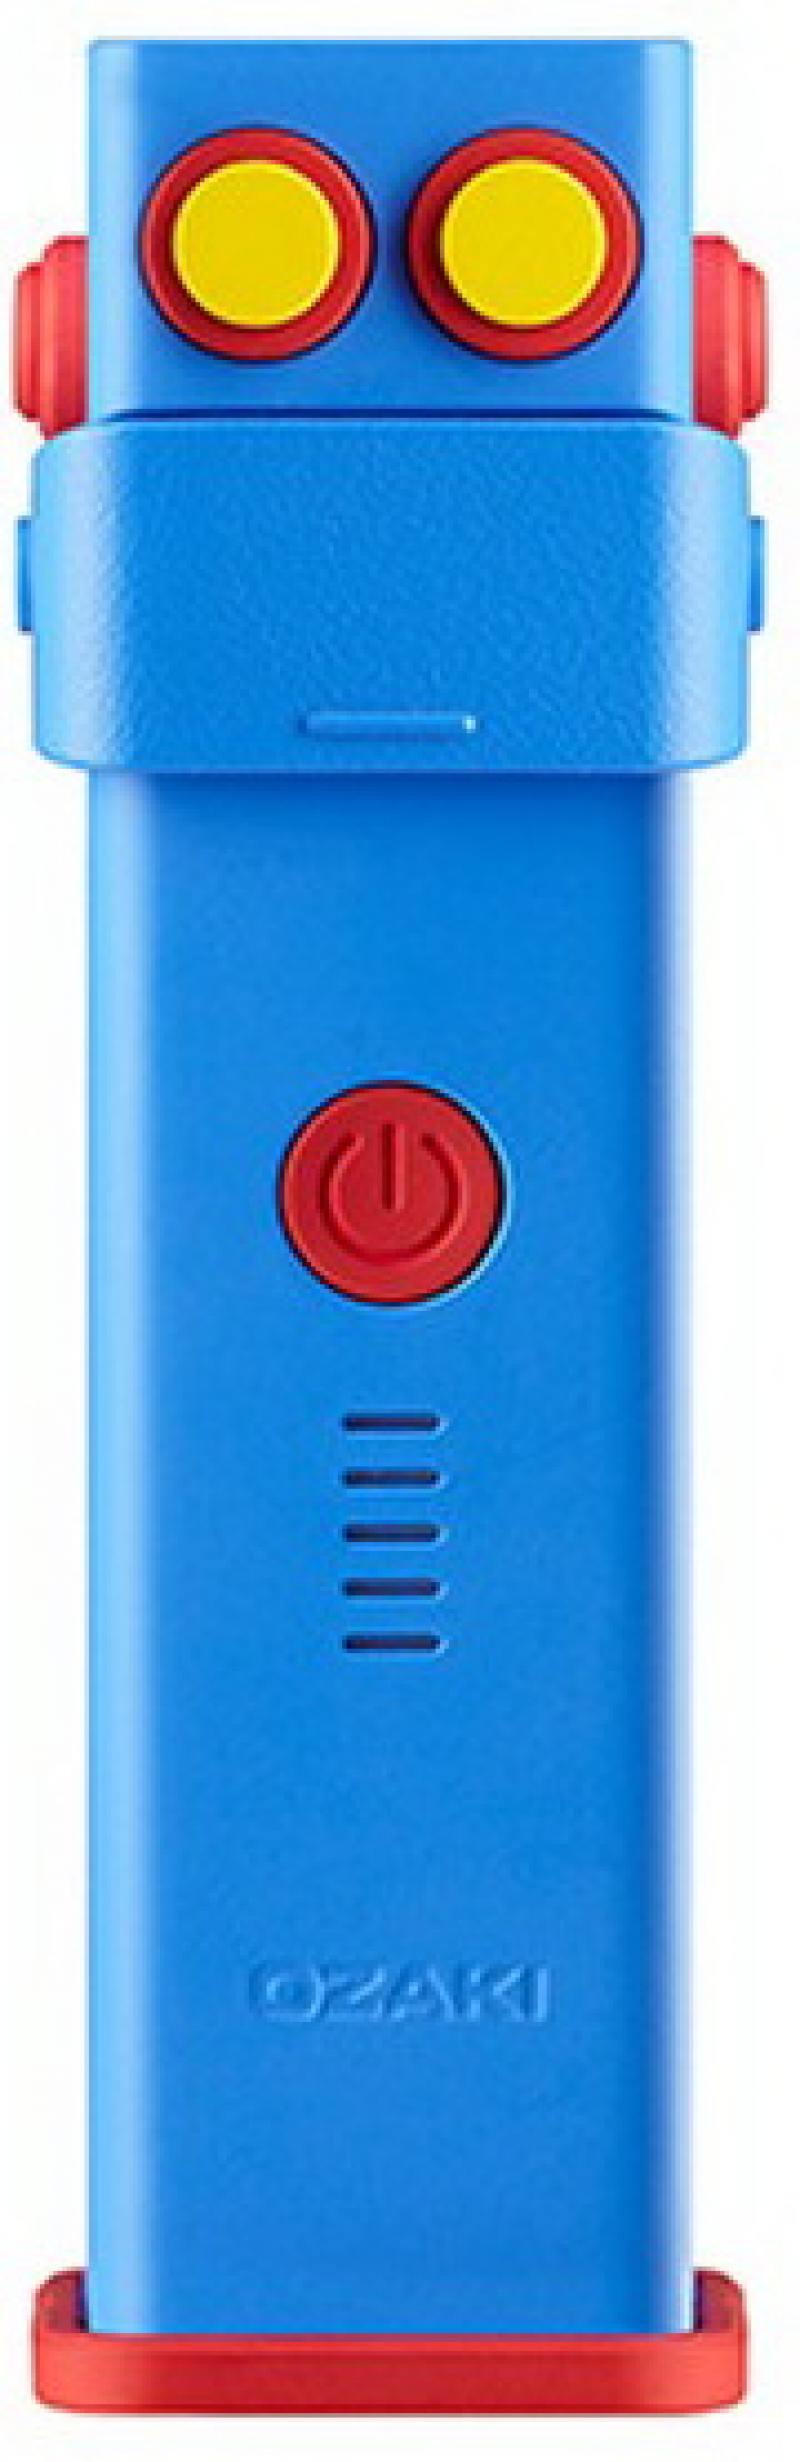 Портативное зарядное устройство Ozaki O!tool-Battery-D26 литий-ионный 2600 МаЧ синий OT240BU